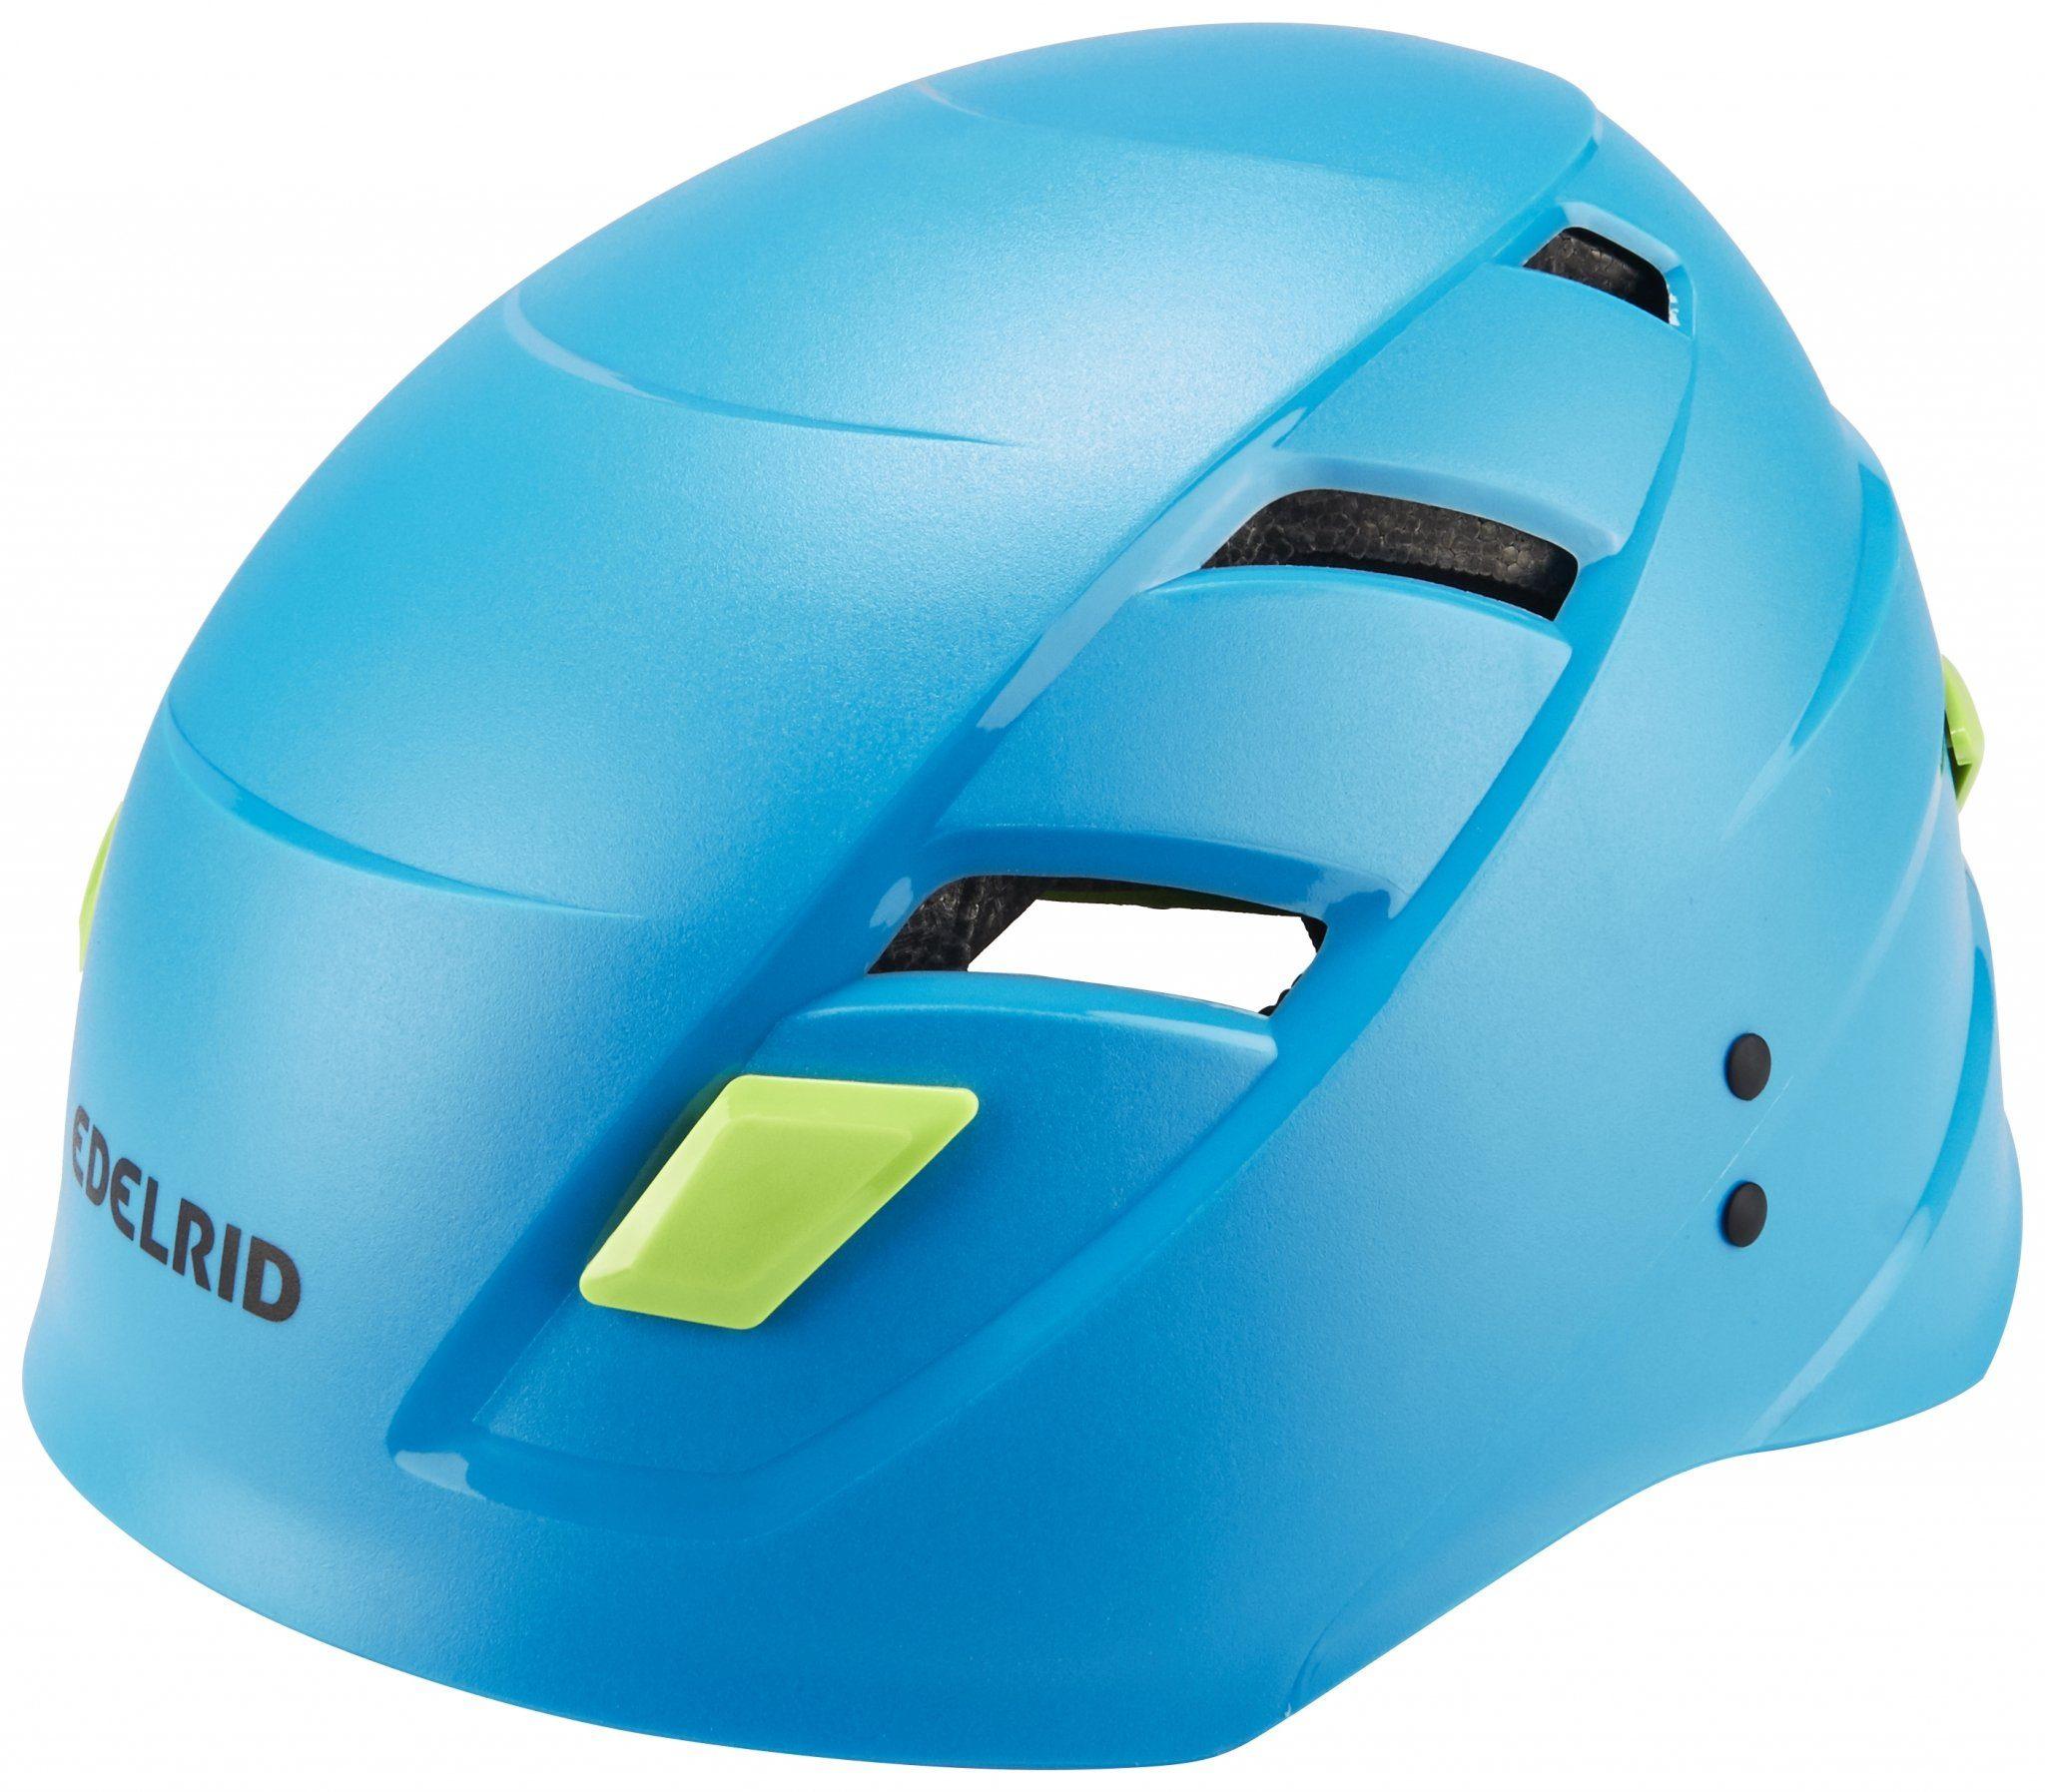 Edelrid Kletterhelm »Zodiac Lite Helmet«